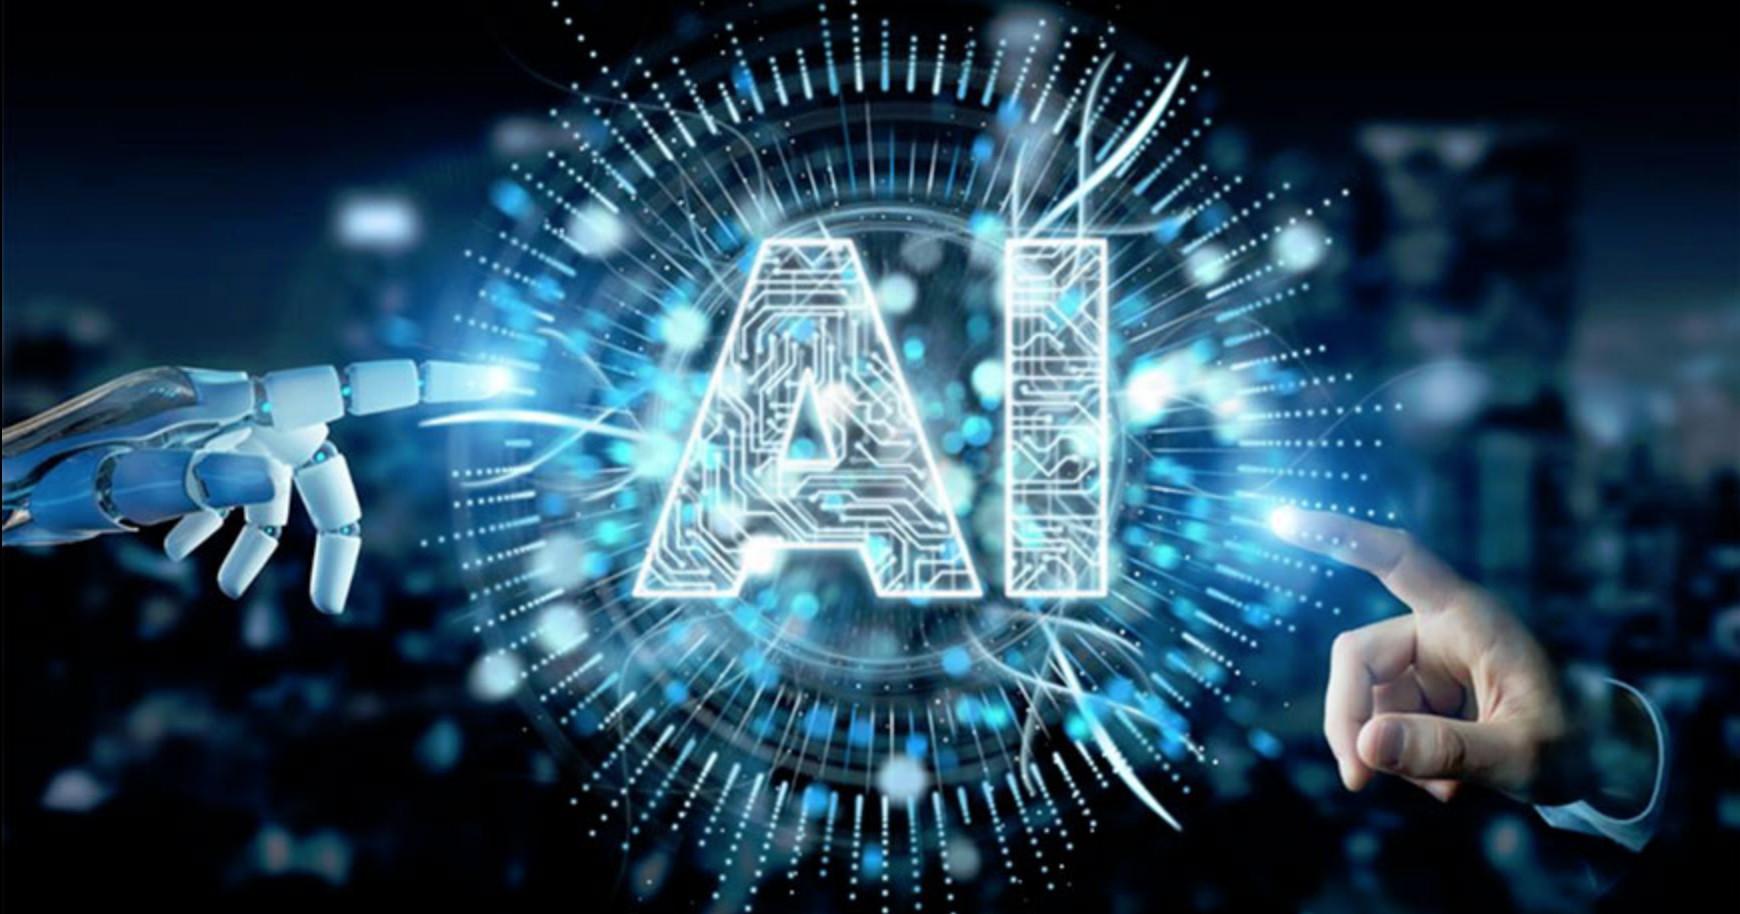 Trí tuệ nhân tạo AI là gì? Ứng dụng trong cuộc sống